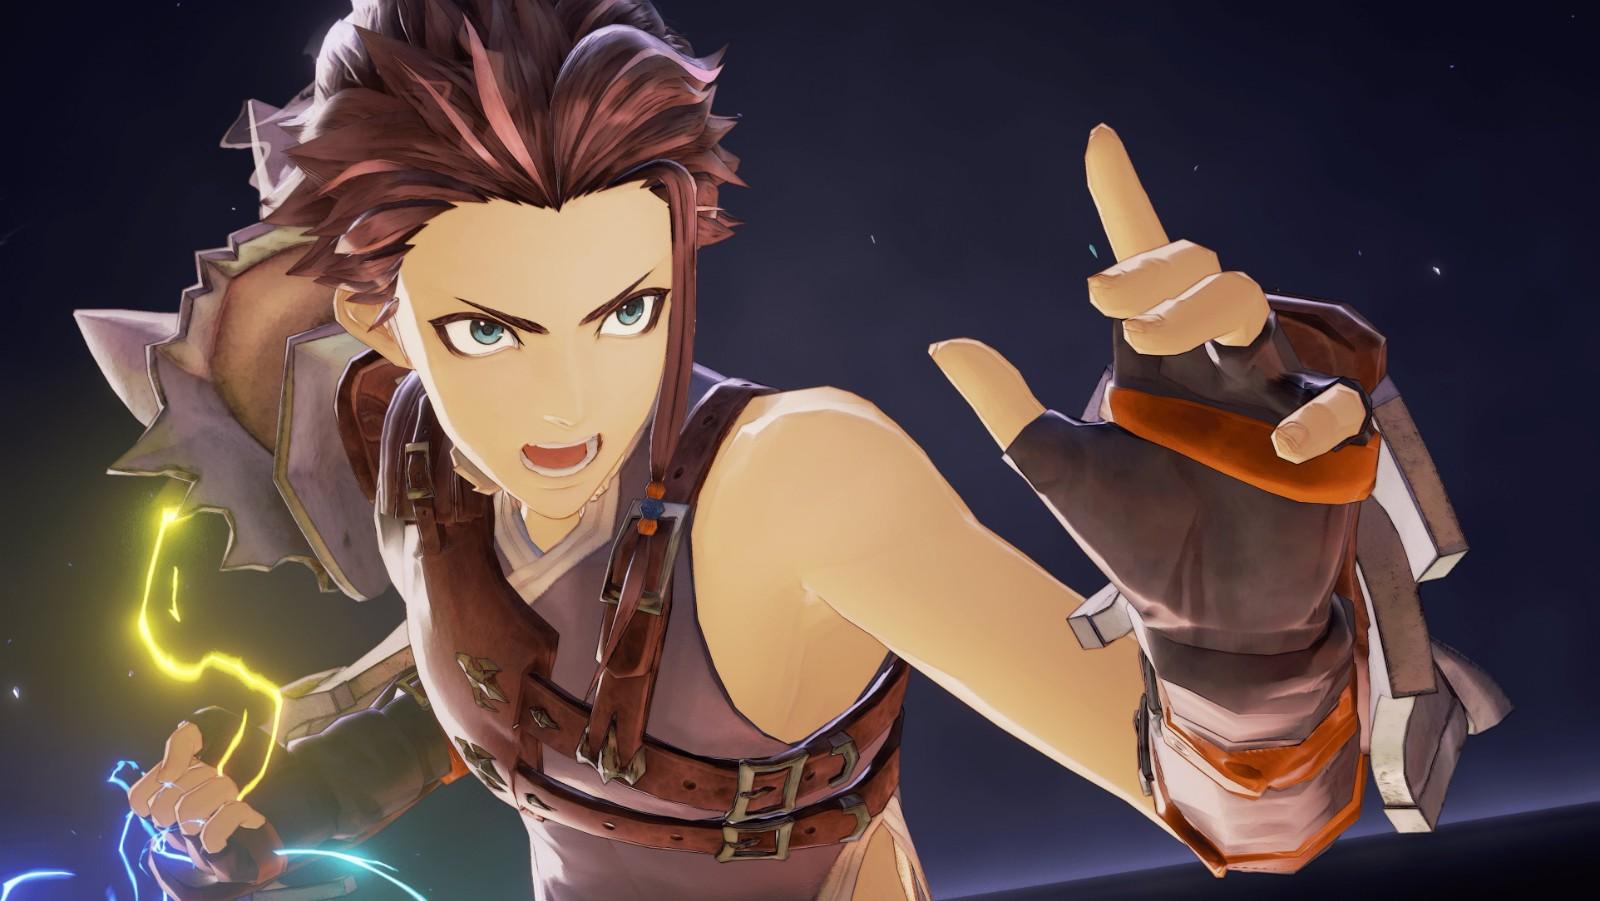 系列新作《破晓传说》秘奥义特技演示 9月10日多平台发售